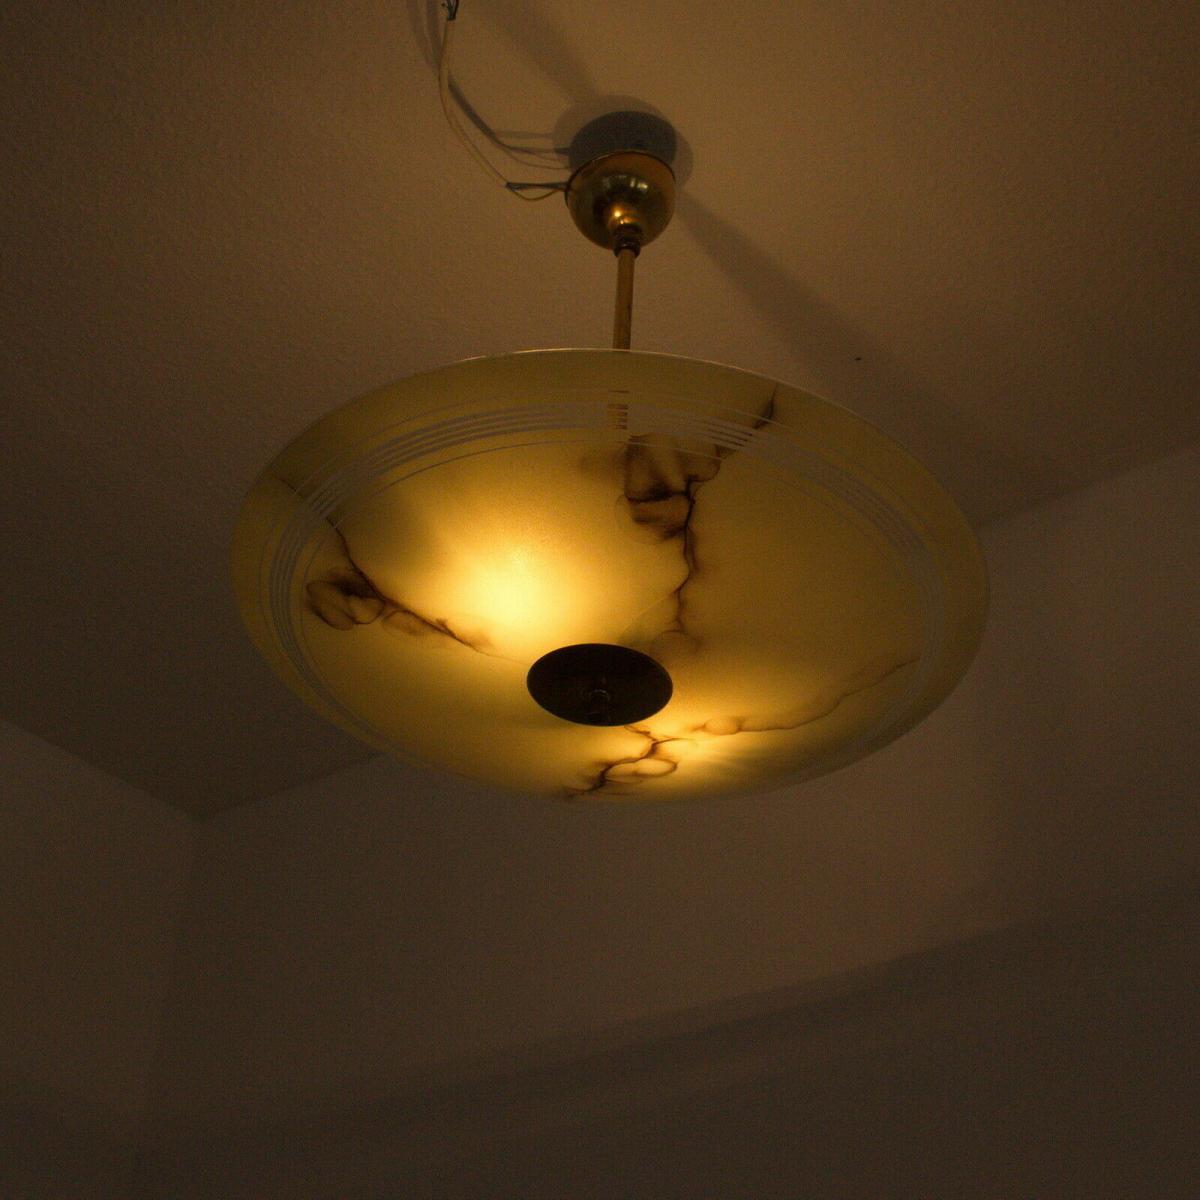 Full Size of Lampe Schlafzimmer Der Artikel Mit Id 35546921 Ist Aktuell Nicht Deko Rauch Fototapete Wandtattoos Massivholz Wandtattoo Schränke Teppich Schrank Deckenlampe Schlafzimmer Lampe Schlafzimmer